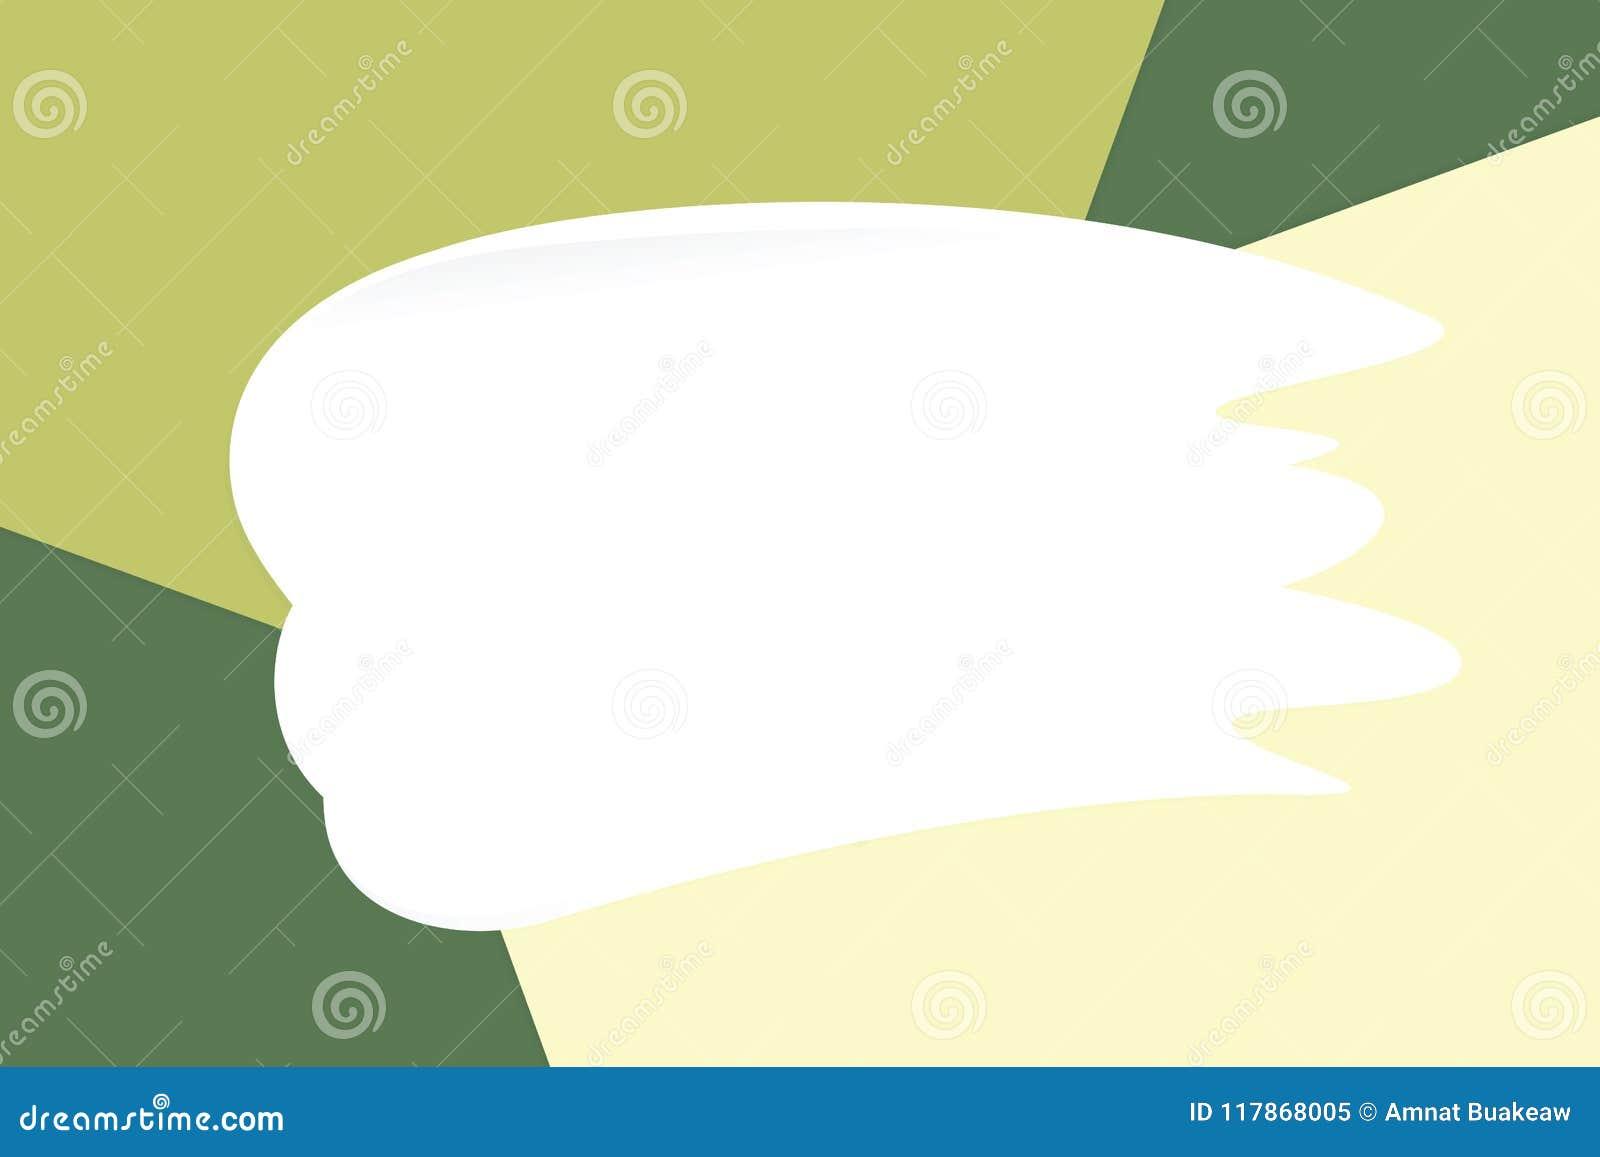 De witte vlekkenroom op kleurrijke pastelkleur zachte document schoonheidsmiddelen als achtergrond voor exemplaar ruimtebericht,